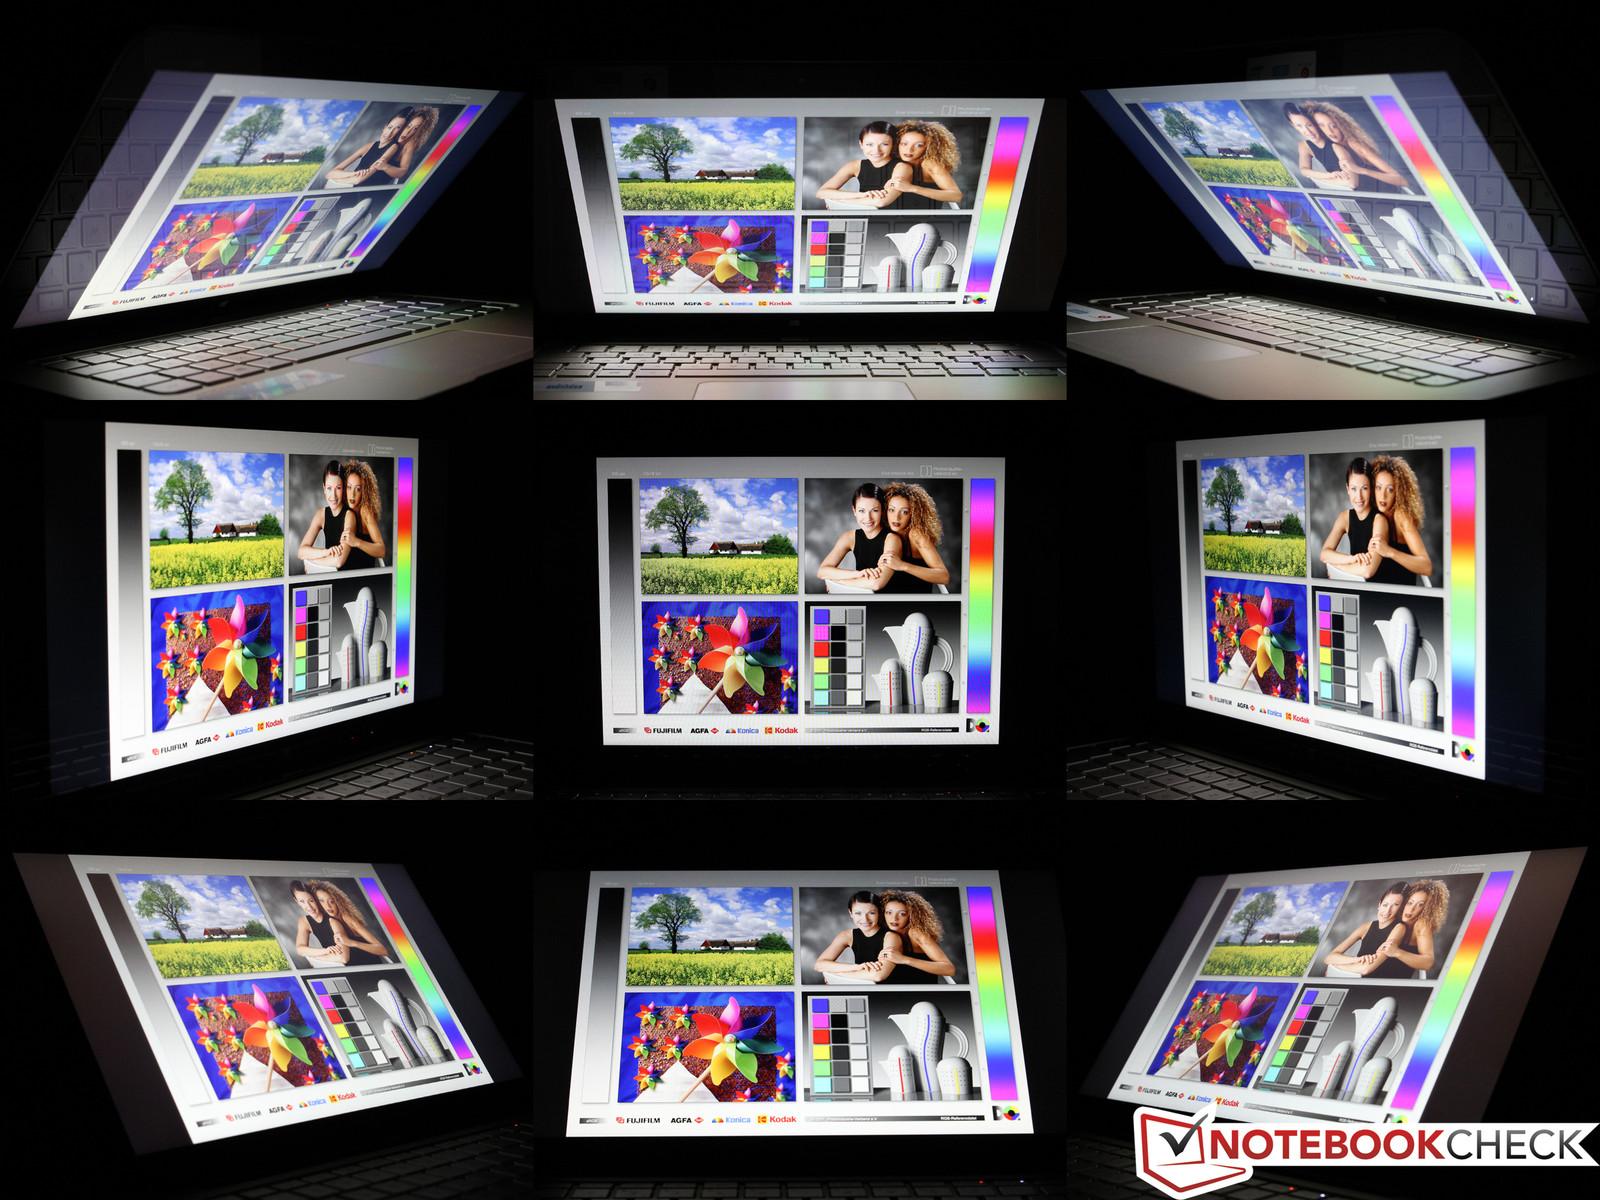 http://www.notebookcheck.net/fileadmin/_processed_/csm_Blickwinkel_da86ad295a.jpg